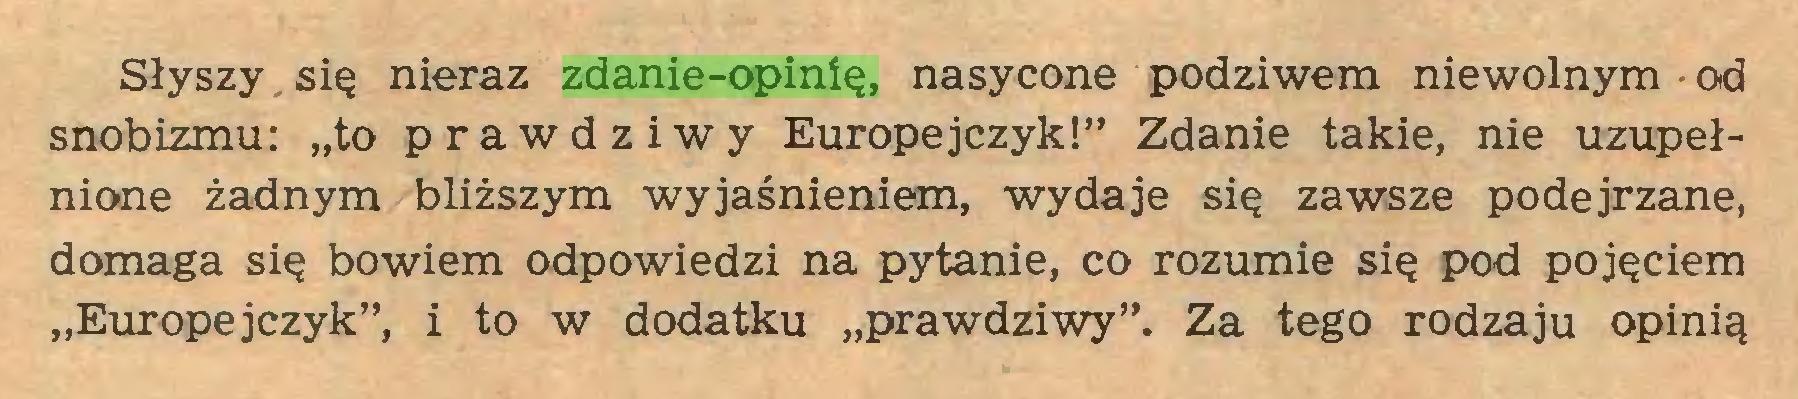 """(...) Słyszy się nieraz zdanie-opinię, nasycone podziwem niewolnym od snobizmu: """"to prawdziwy Europejczyk!"""" Zdanie takie, nie uzupełnione żadnym bliższym wyjaśnieniem, wydaje się zawsze podejrzane, domaga się bowiem odpowiedzi na pytanie, co rozumie się pod pojęciem """"Europęjeżyk"""", i to w dodatku """"prawdziwy"""". Za tego rodzaju opinią..."""